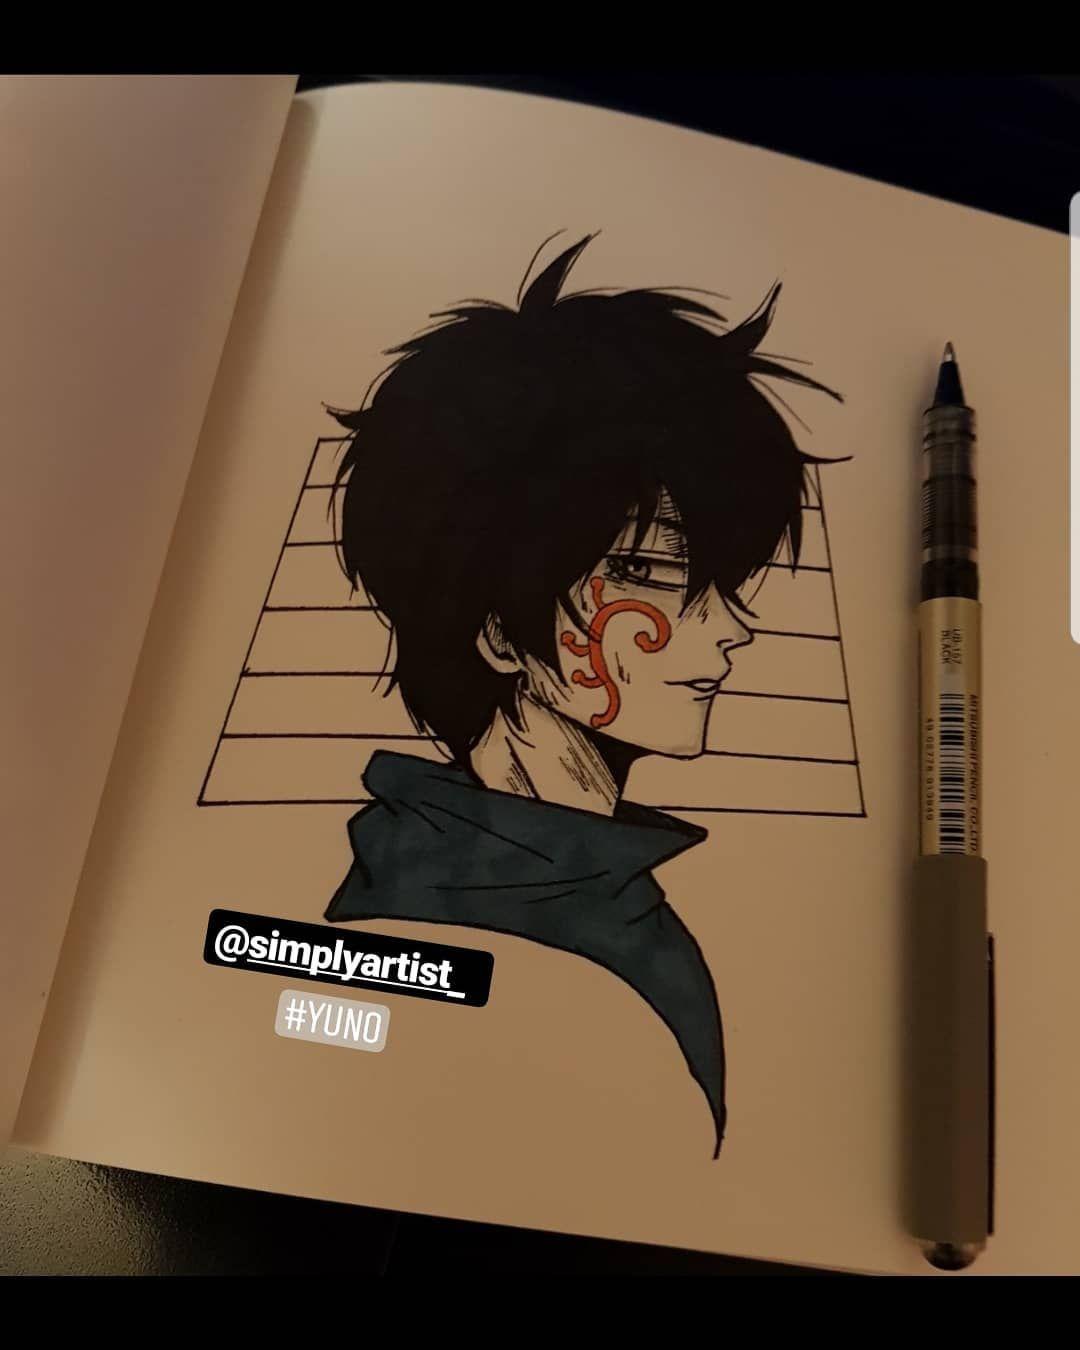 Yuno الرسمة كلش هوب في المستوى سويته في ربع ساعه يعني سكيتج بو طقه بصراحه بالزور لقيت له صوره اتدش مزاجي ورسمته مرتين ومحيت و Anime Art Art Anime